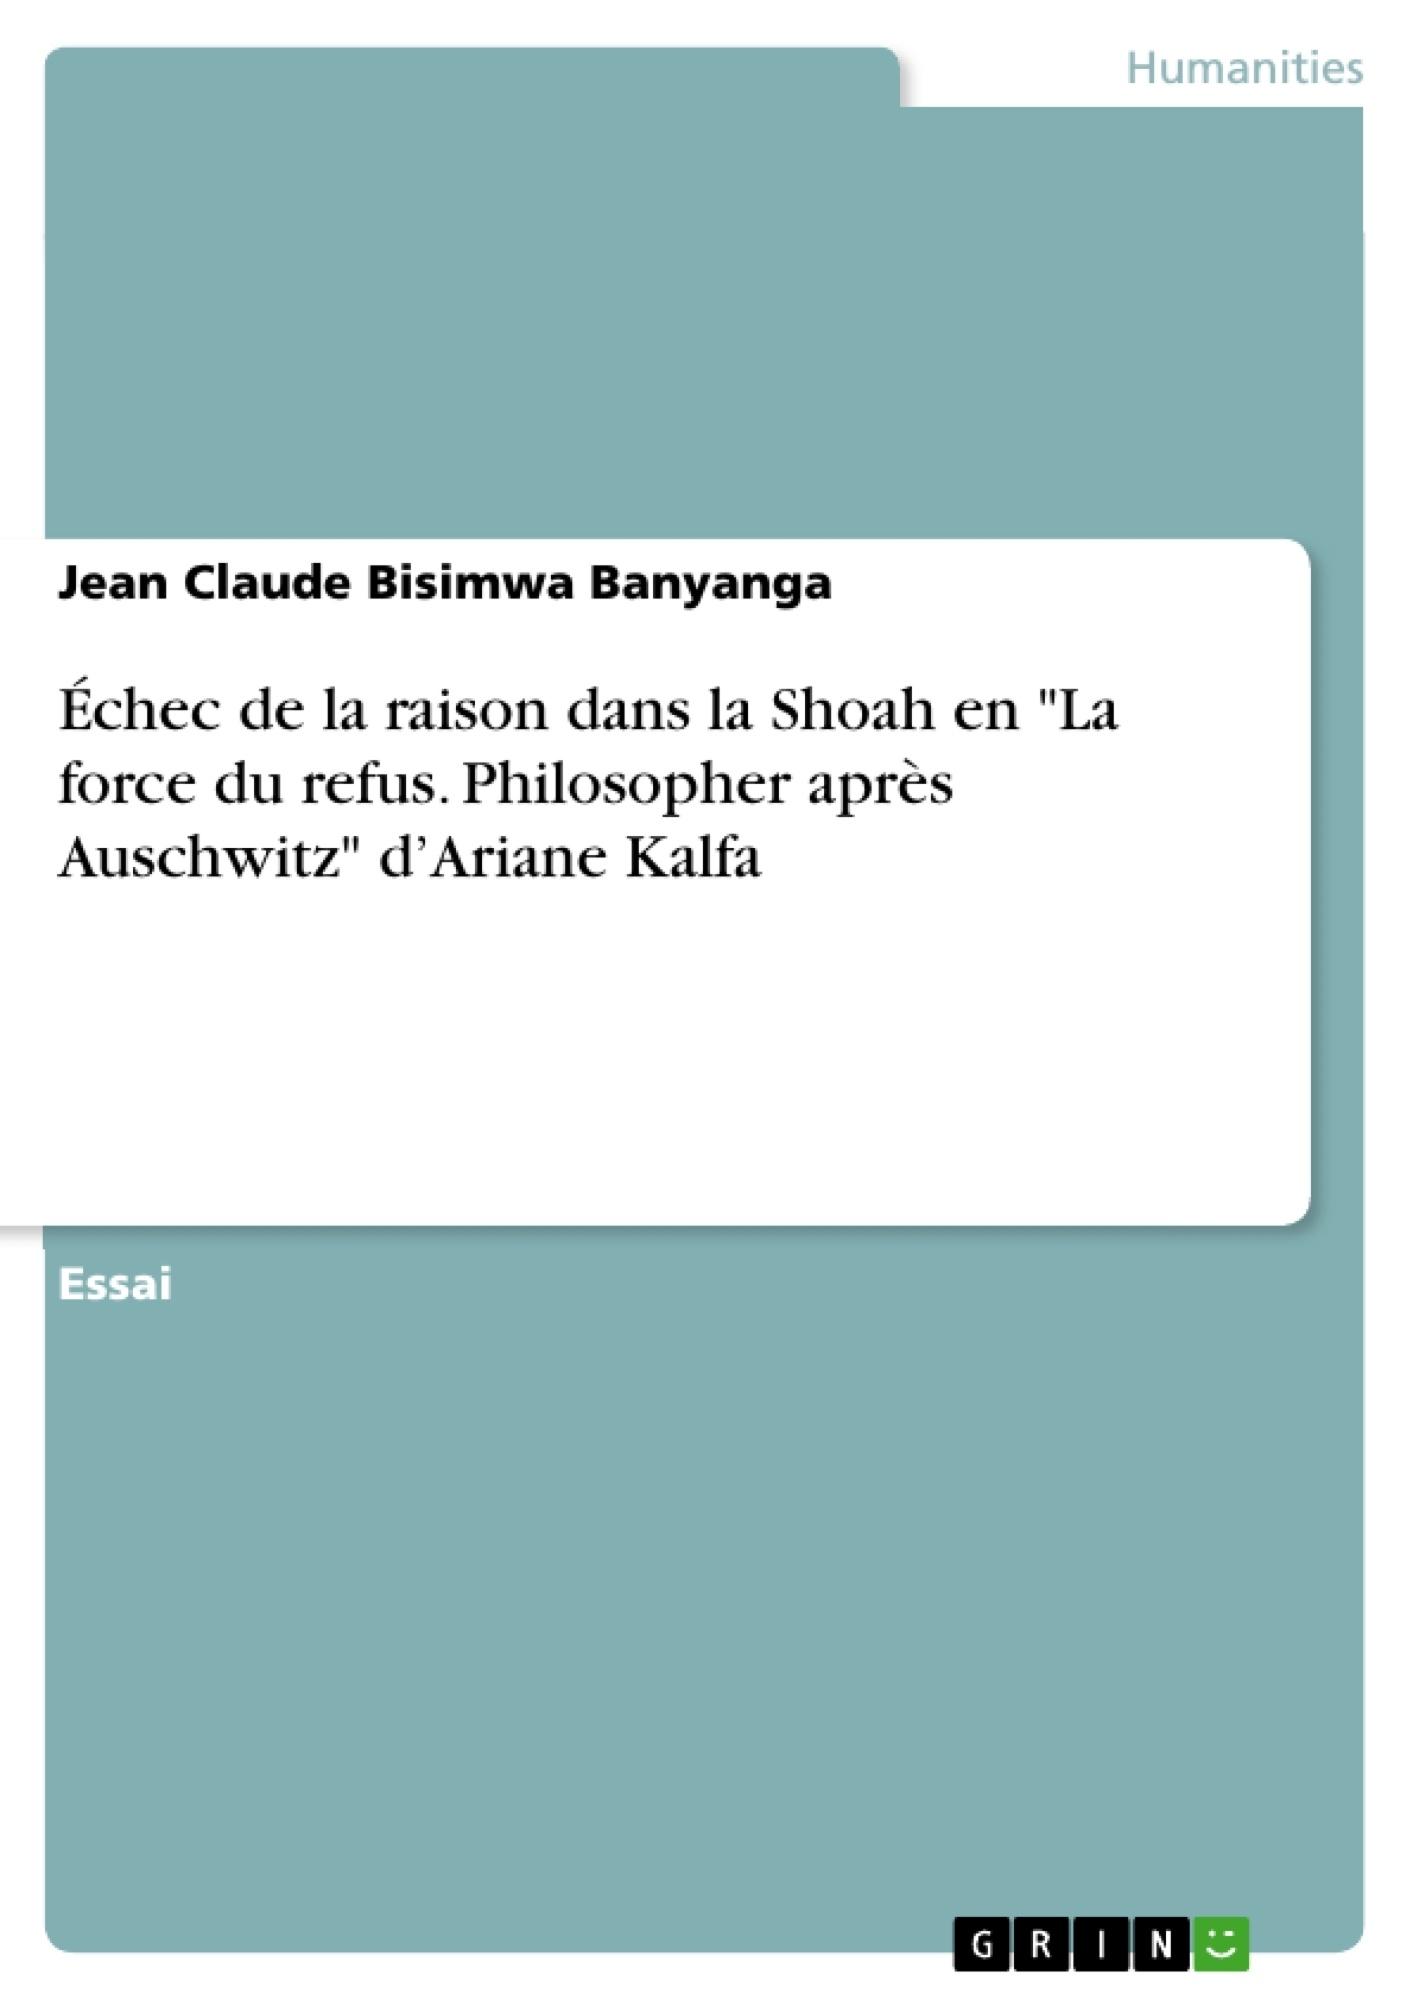 """Titre: Échec de la raison dans la Shoah en """"La force du refus. Philosopher après Auschwitz"""" d'Ariane Kalfa"""